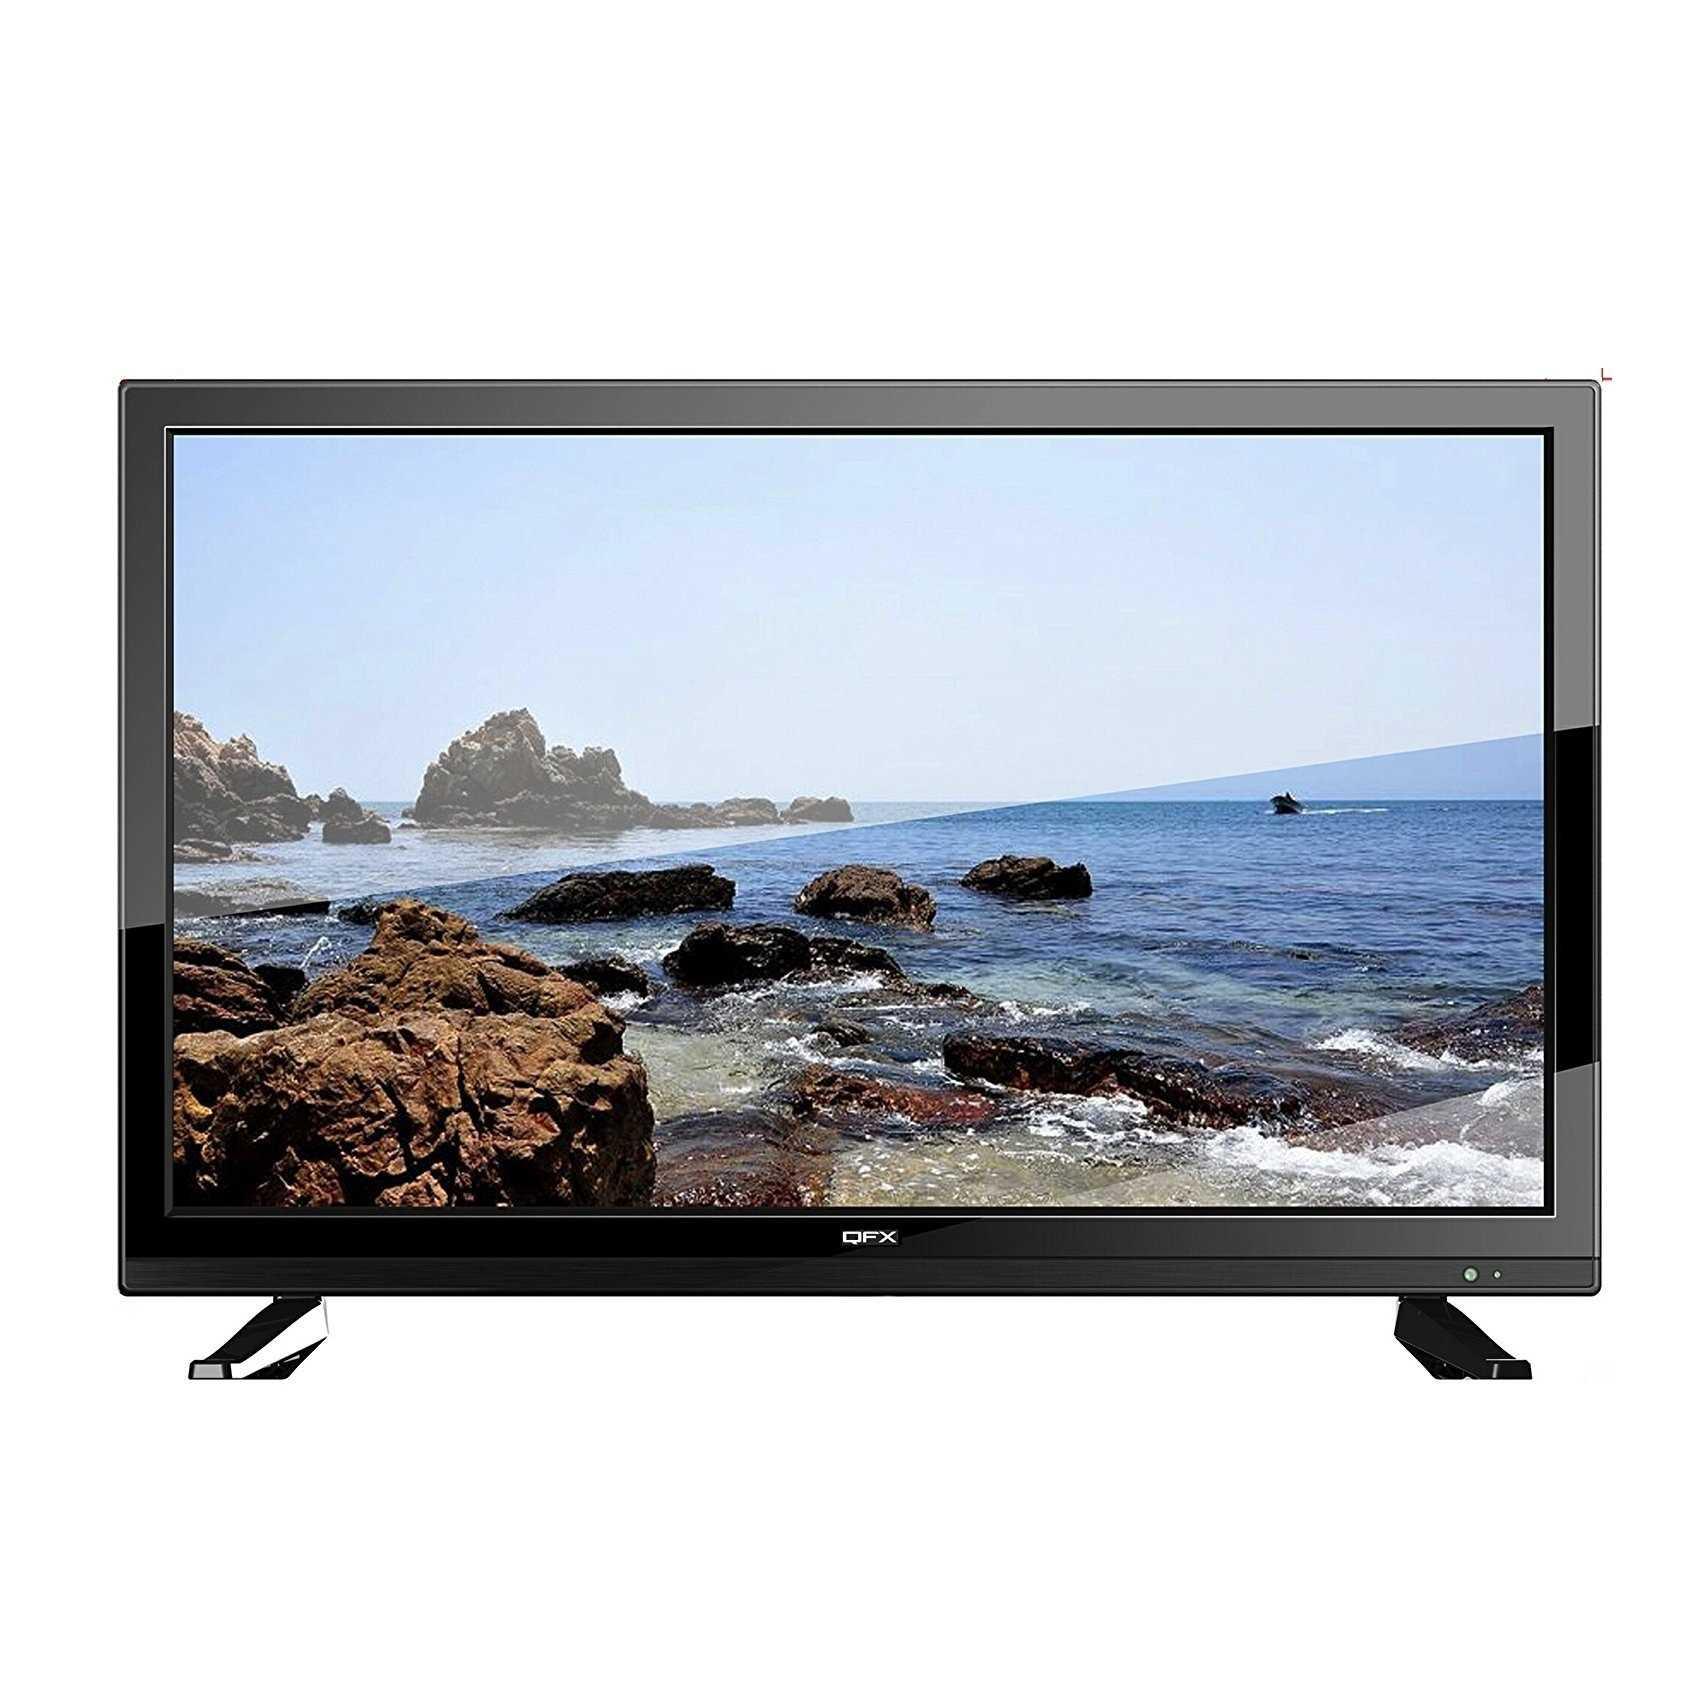 QFX QL-3170 32 Inch Full HD Smart LED Television